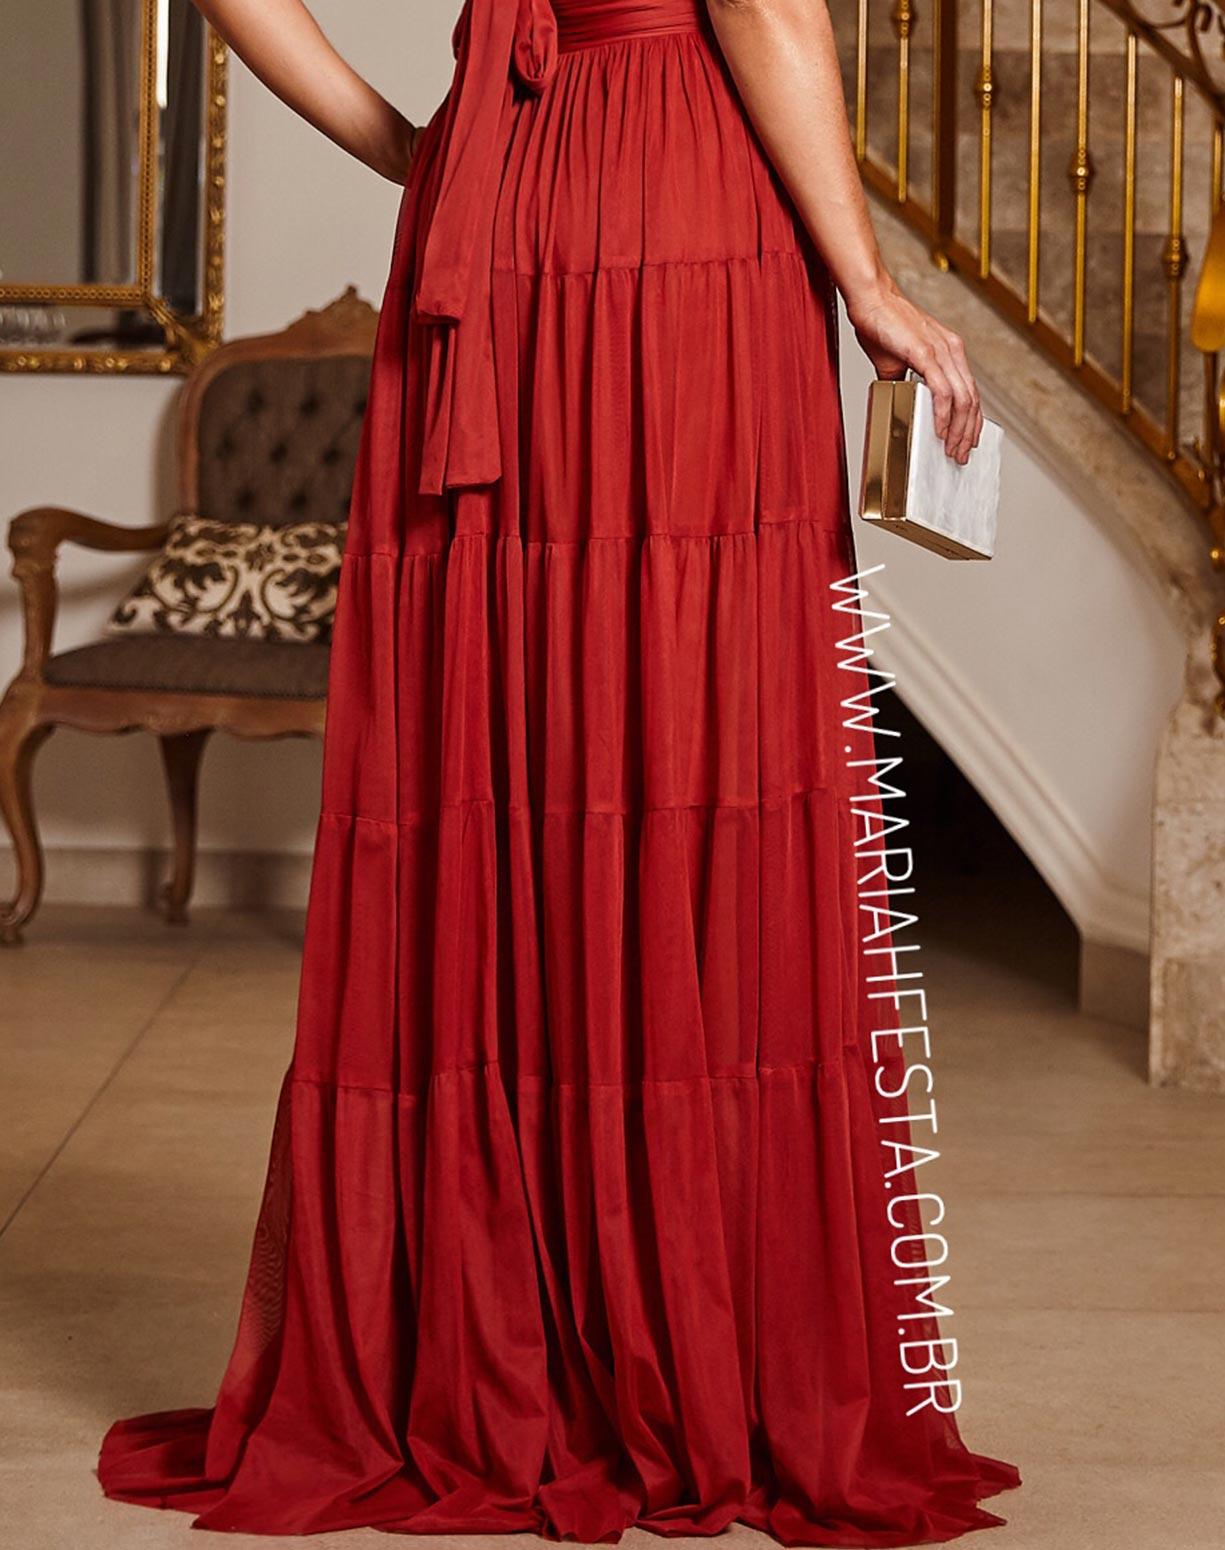 Vestido Terracota (avermelhado) em Tule com Alças Transpassadas